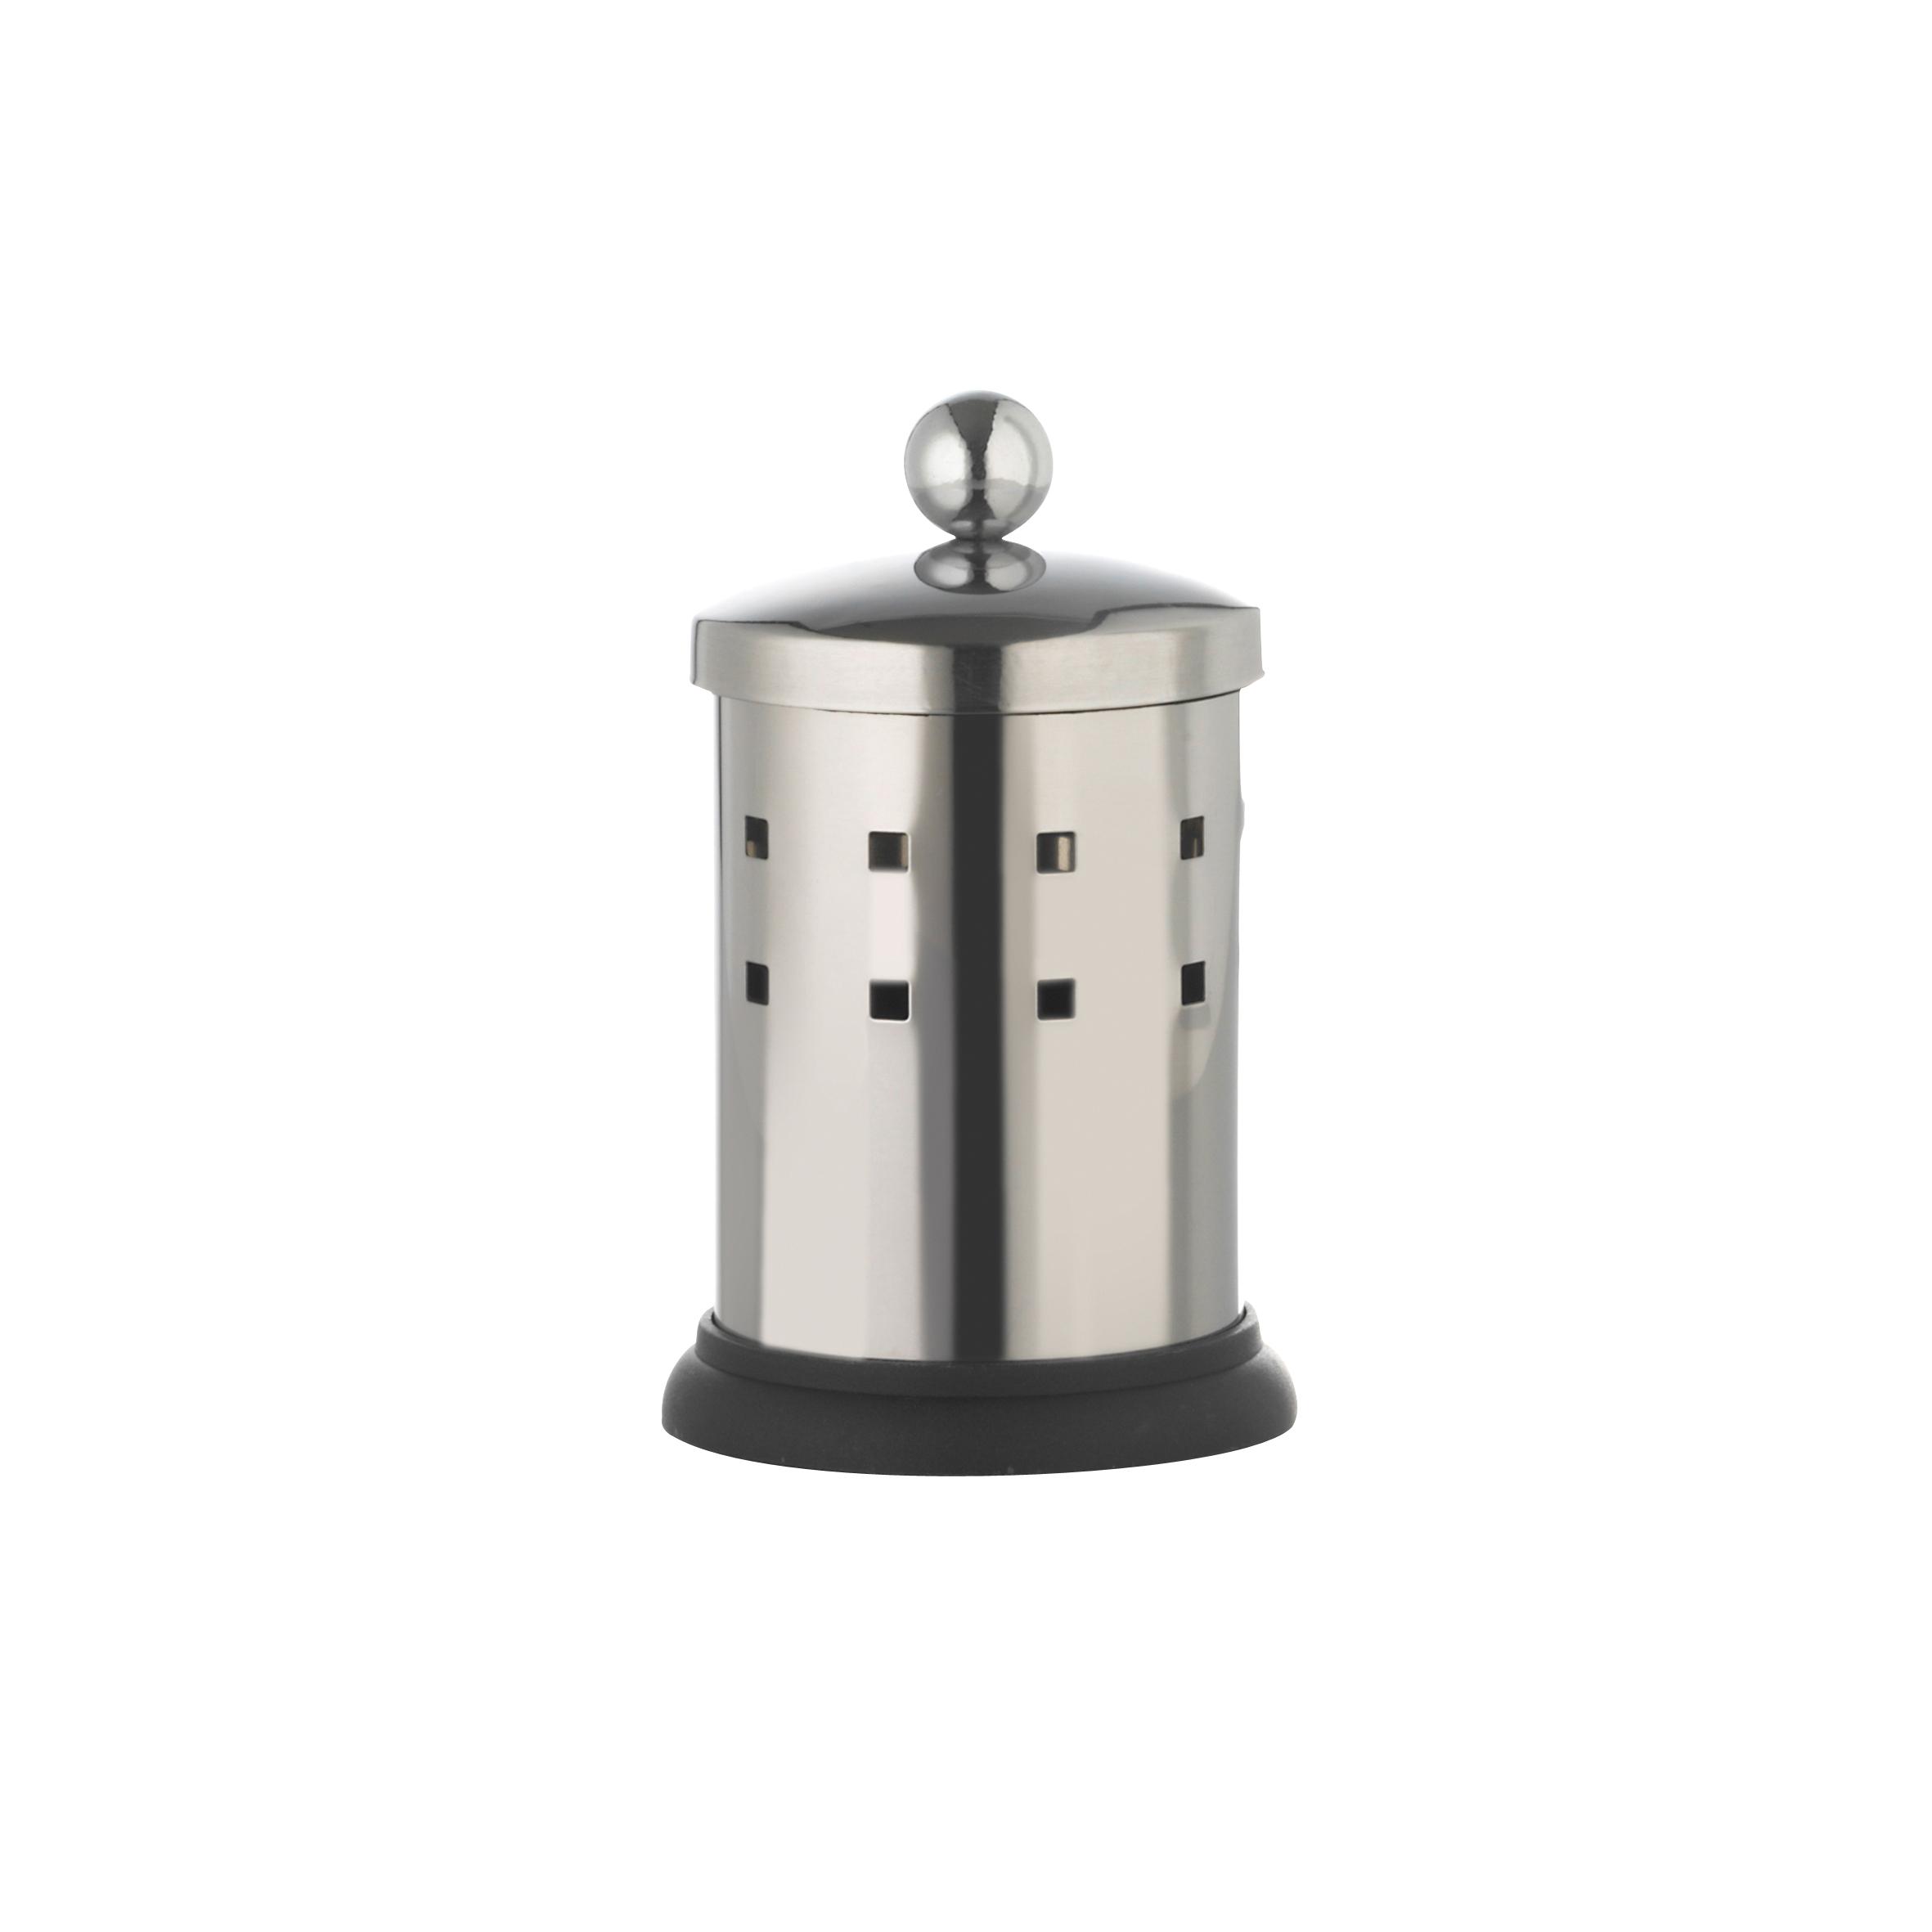 Баночка для ватных палочек Axentia, с крышкой, цвет: хром282450Настольная баночка для ватных палочек с крышкой. Изготовления из нержавеющей стали со специальной противоскользящей подставкой. Удобна в использовании, экономит место.